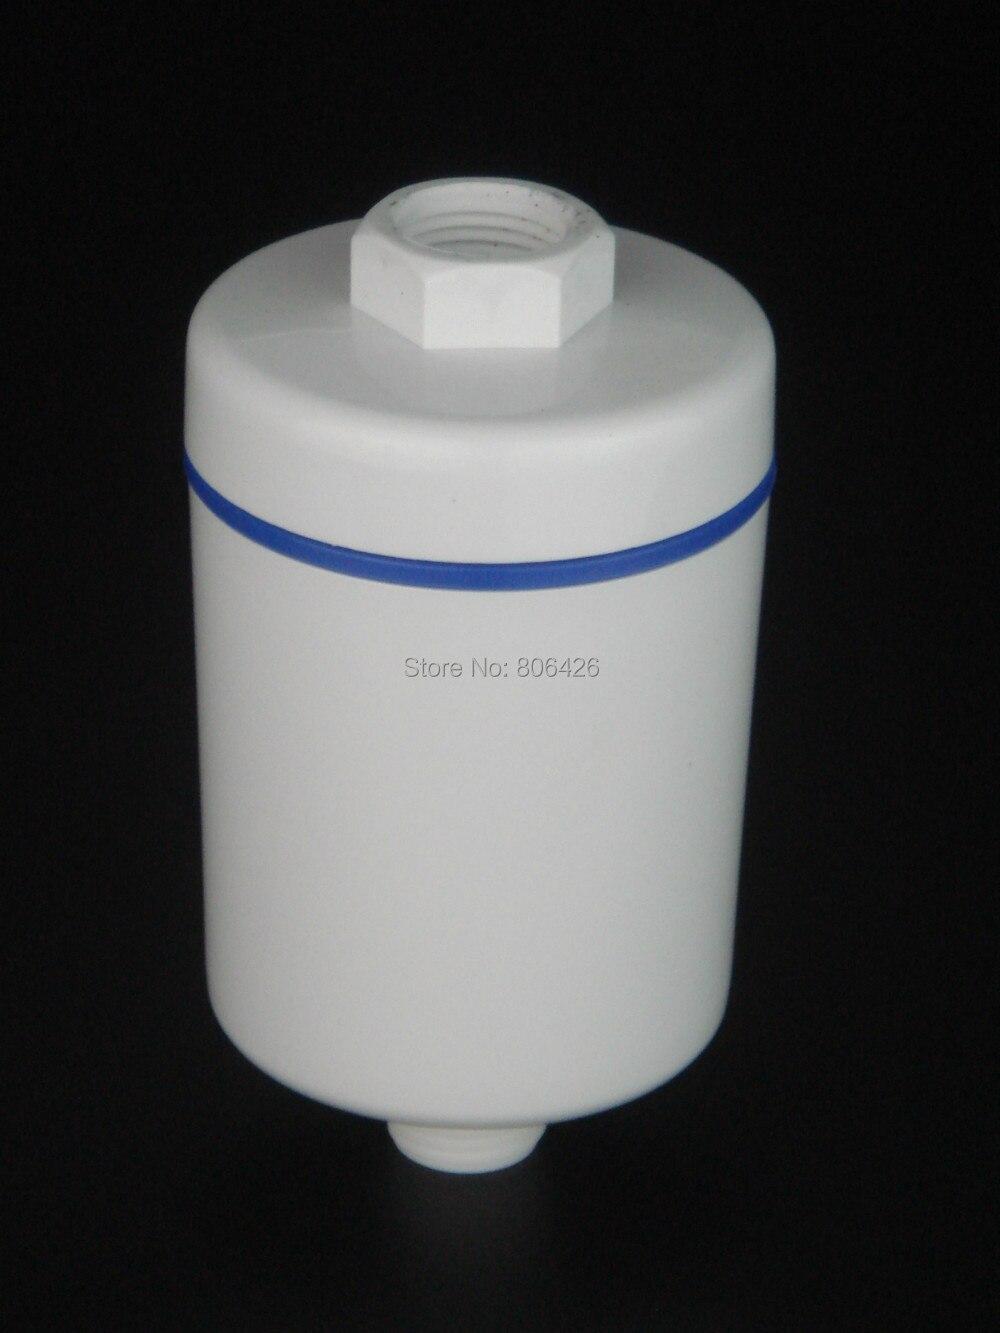 Фильтр для душа без хлора/душевая головка/СПА-фильтр/Душ Спа с комбинированным углеродом и KDF для удаления химических и тяжелых металлов